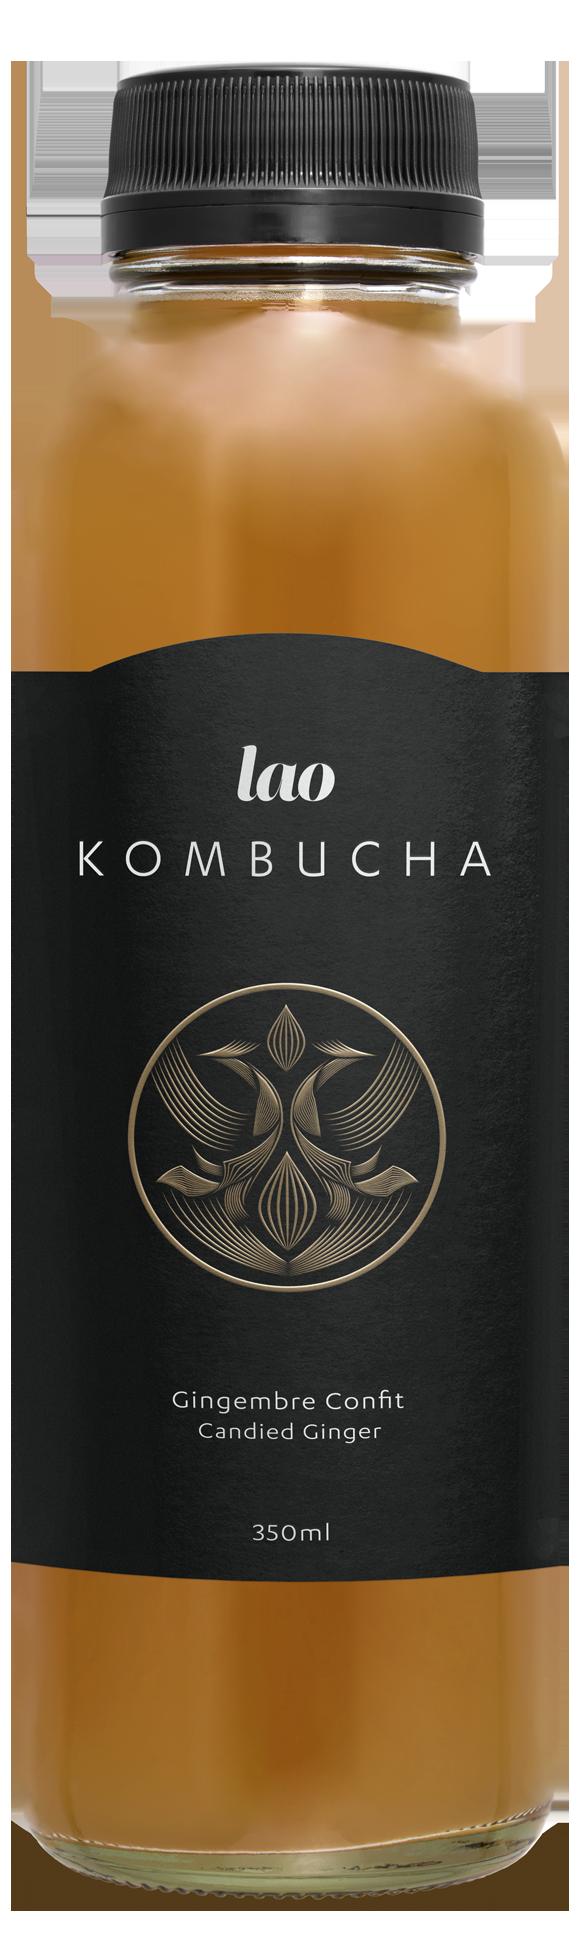 Lao Kombucha, faible en sucre, céto, cétogène, keto,premium, thé, grande qualité, fermentation, meilleur québec,